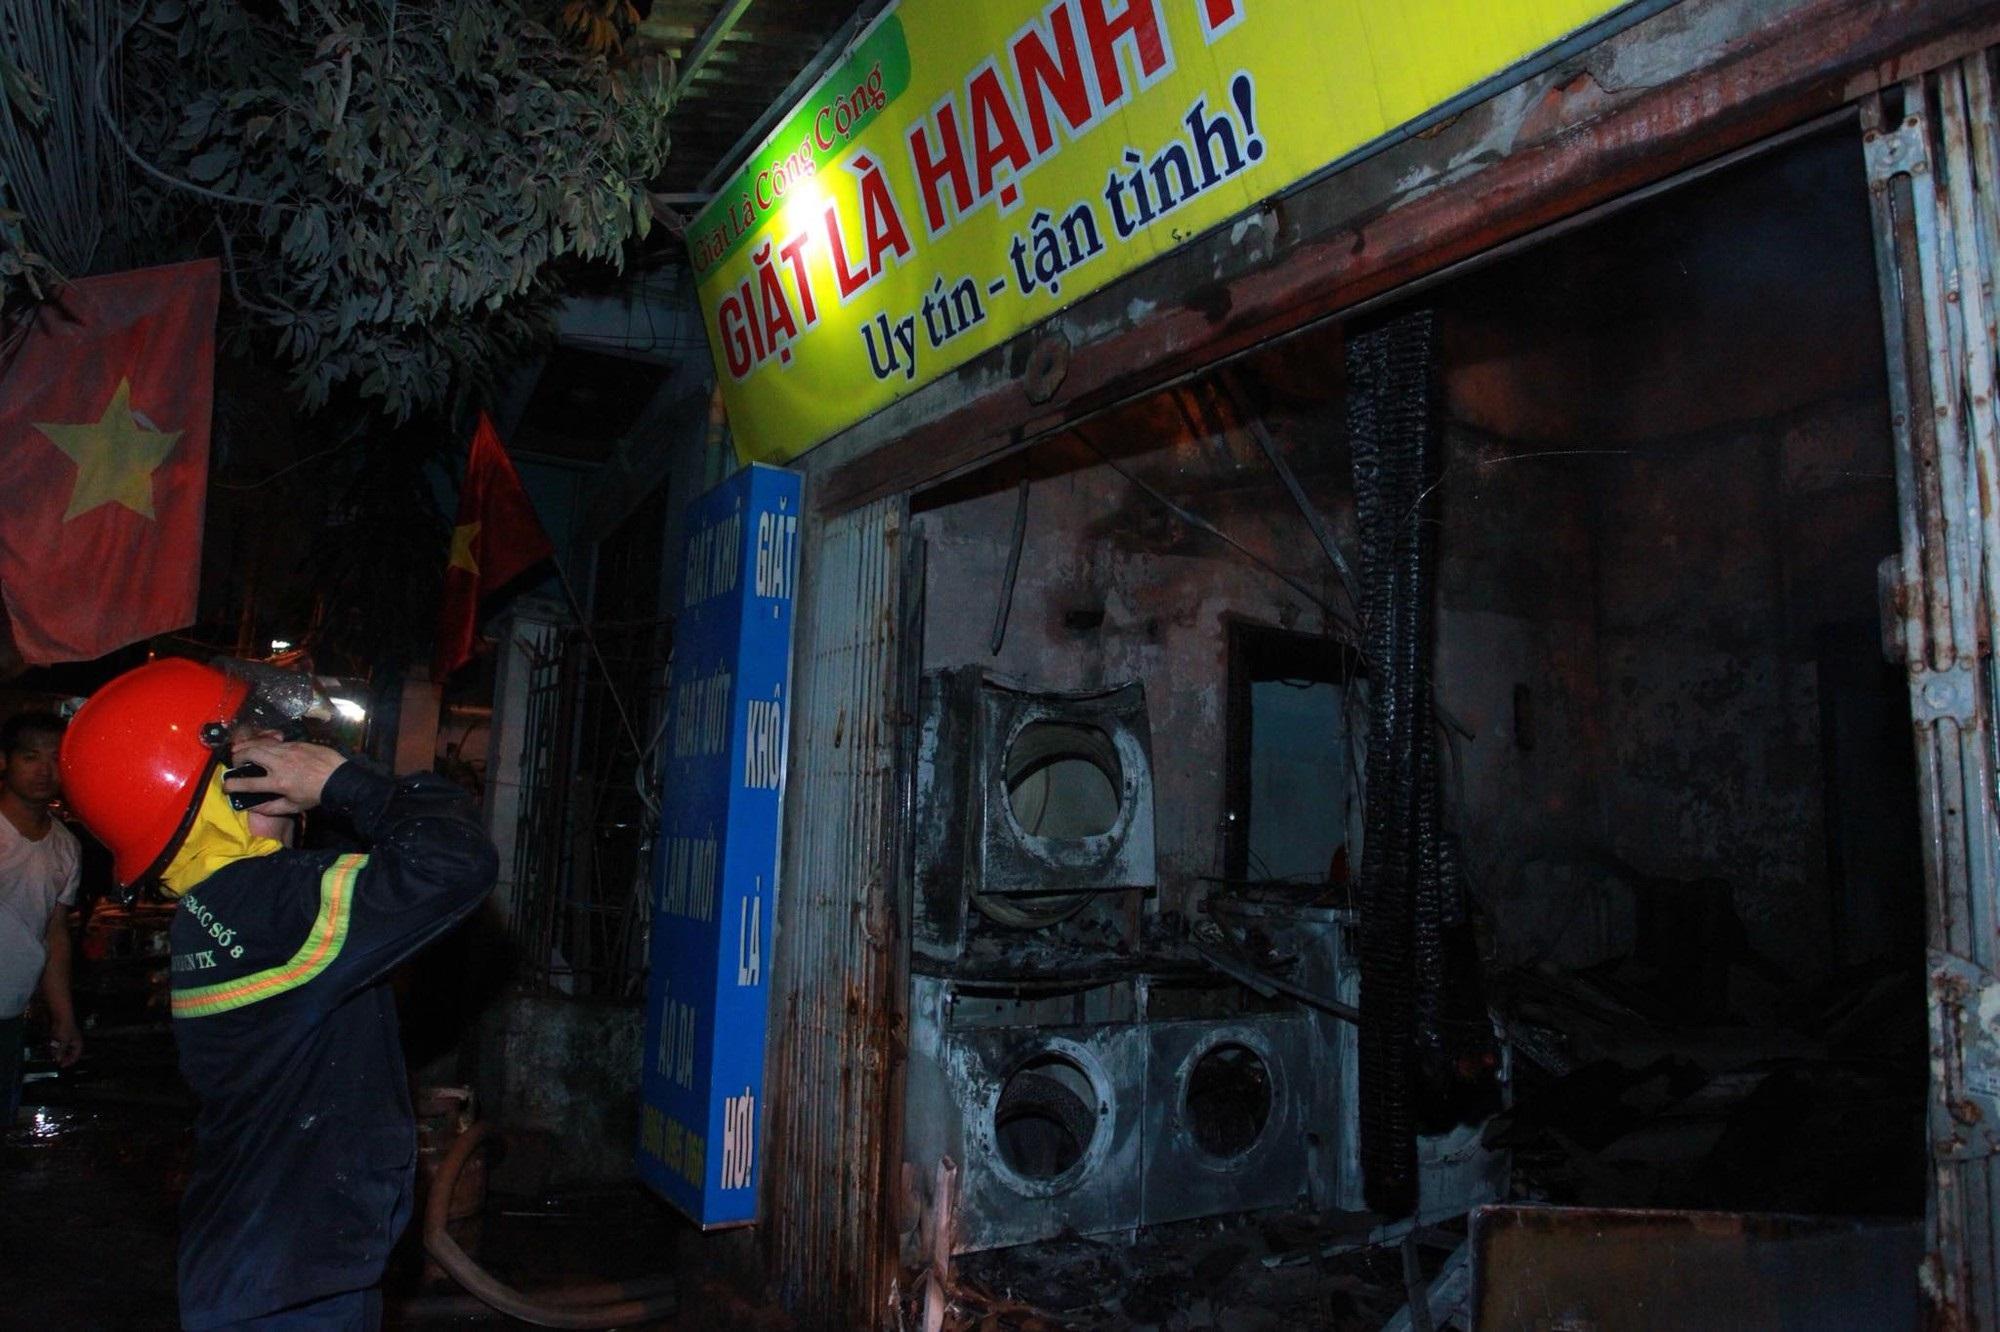 Hà Nội: Cháy lớn cửa hàng giặt là và sang chiết gas, nhiều tài sản bị thiêu rụi hoàn toàn - Ảnh 1